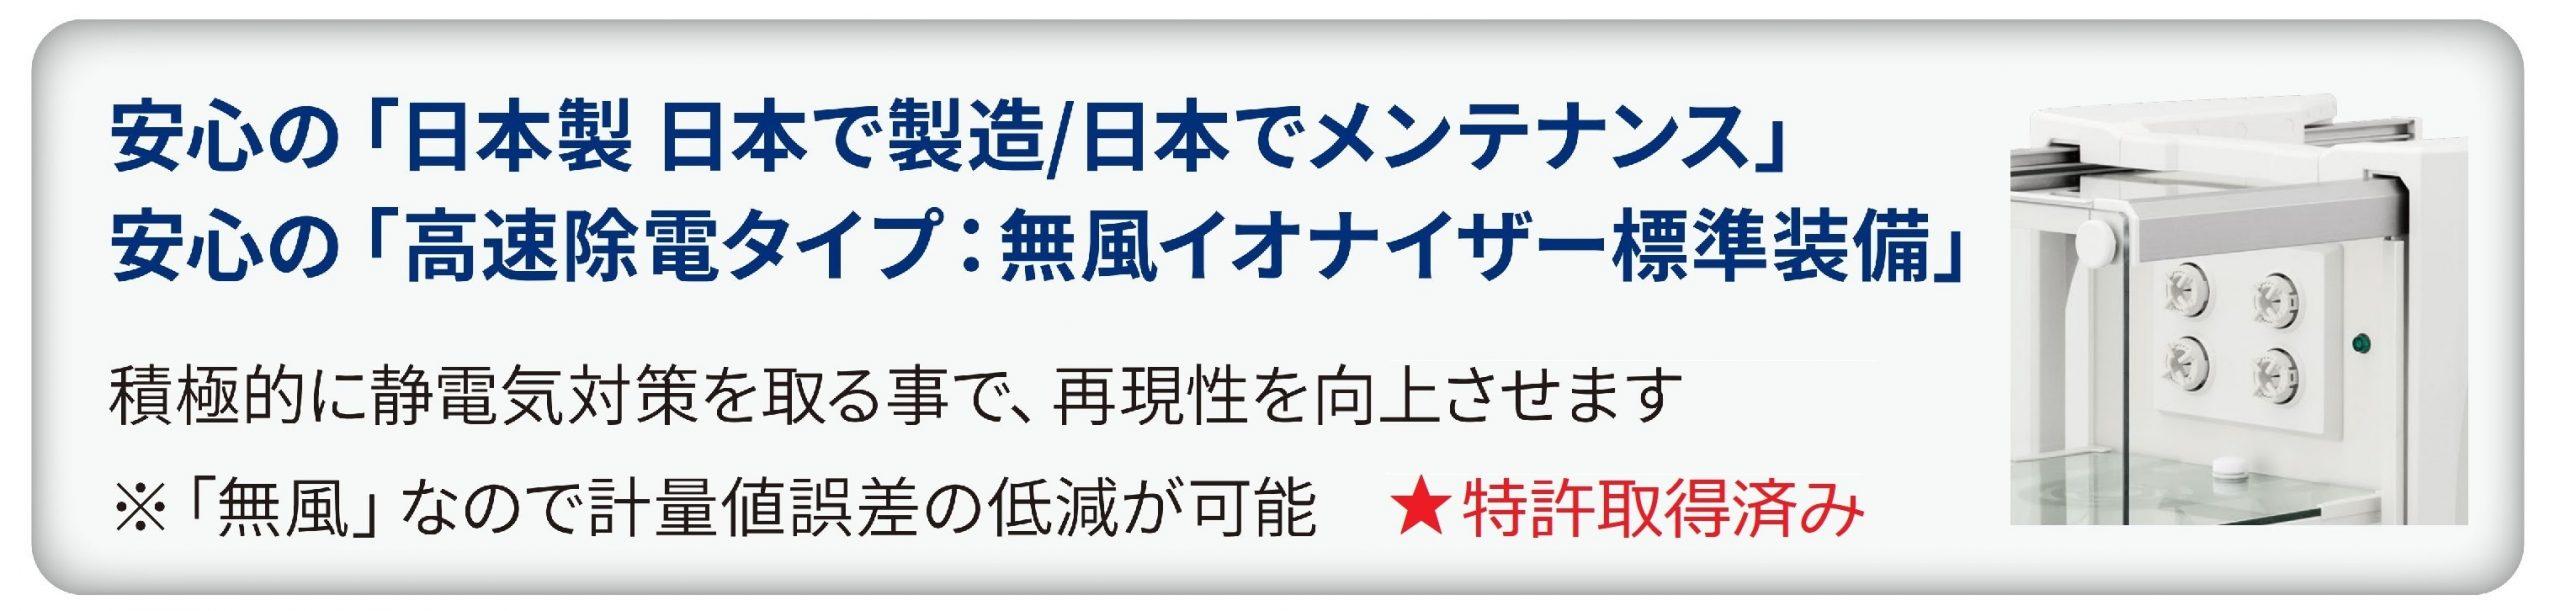 株式会社エー・アンド・デイ マイクロ 天びん ★特許取得